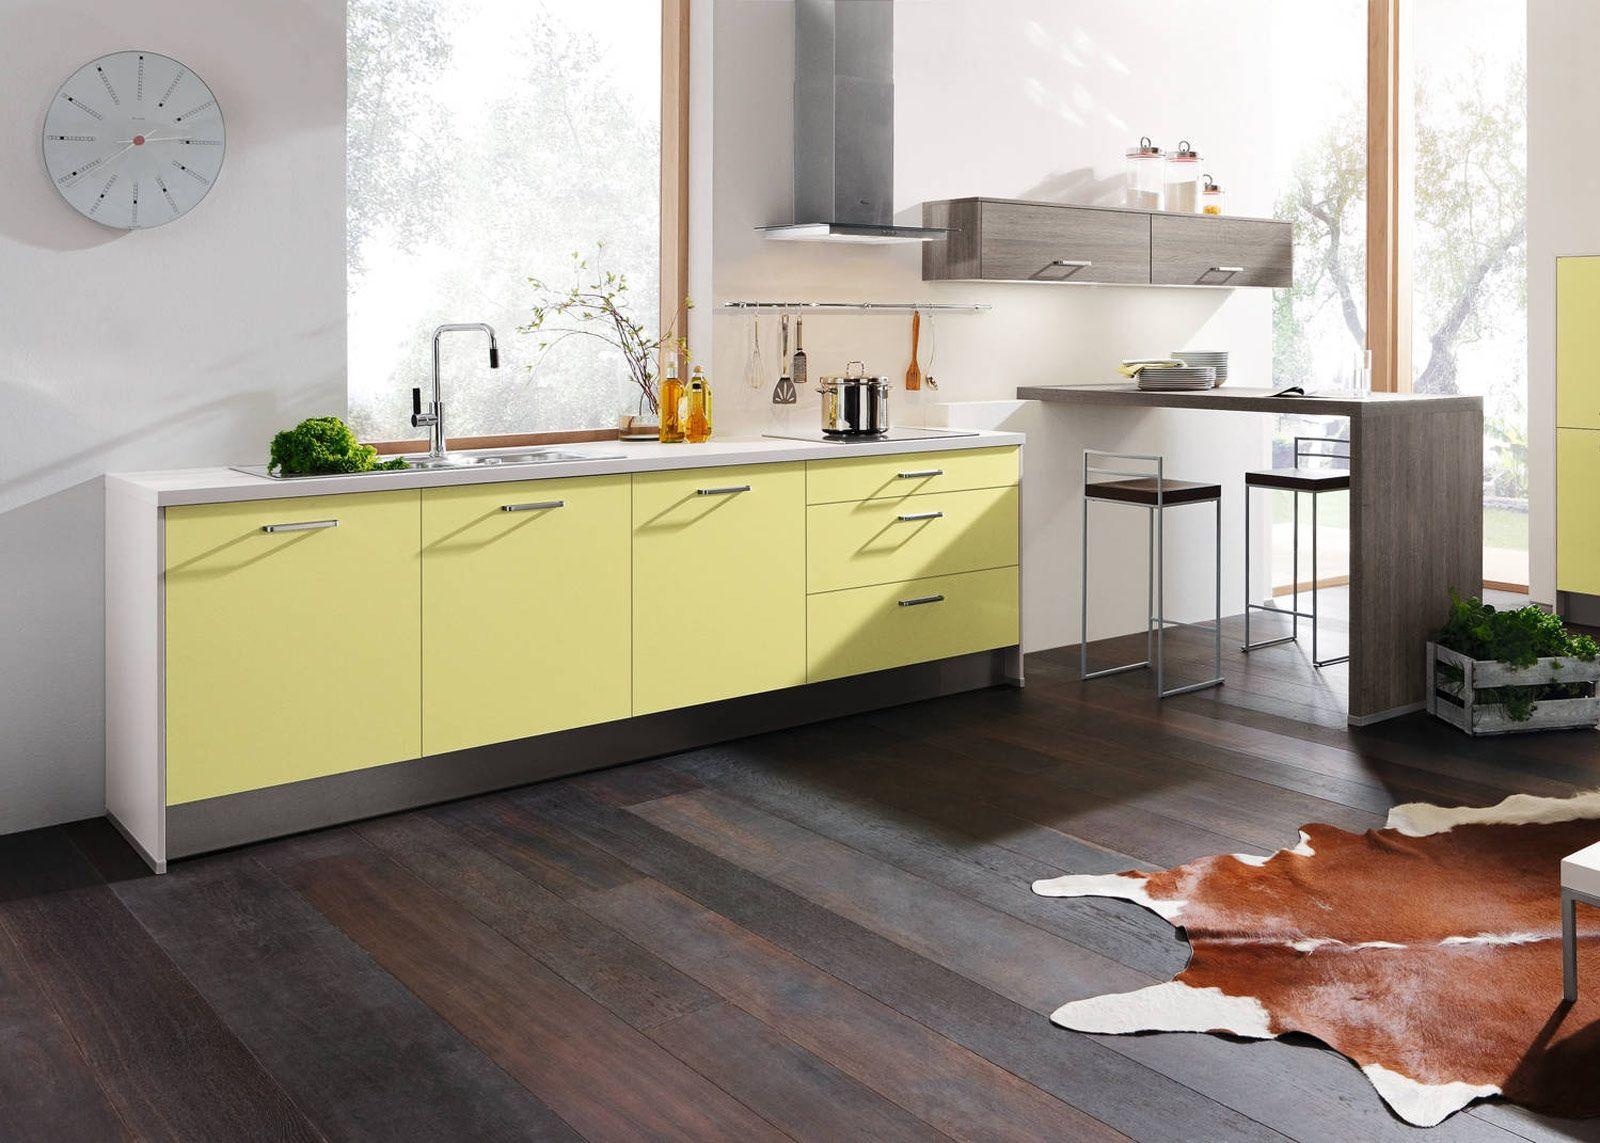 Peppige Küchenzeile in grün | Küche kann so einfach sein | Pinterest | {Küchenzeile einfach 19}